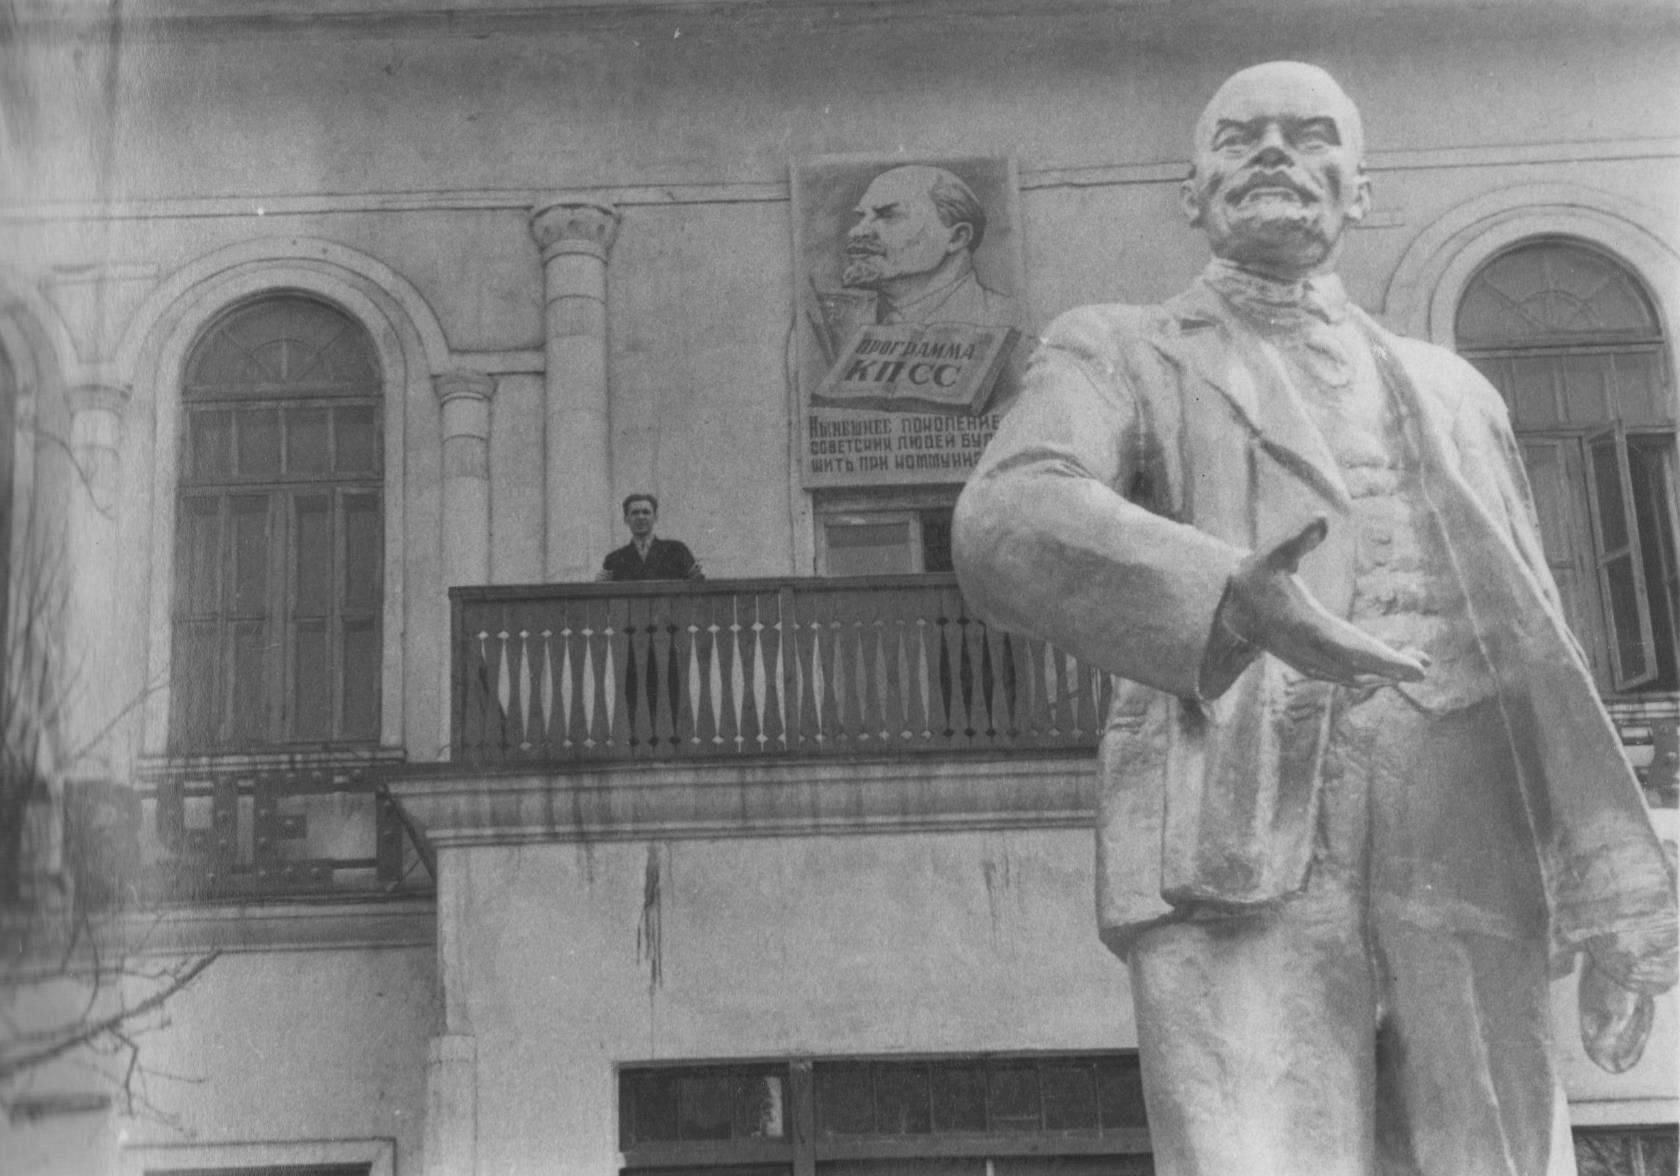 Памятник В.И.Ленину перед зданием горисполкома по ул. Советской, 52 (сейчас на этом месте расположено здание банка - ул. Советская, 24)